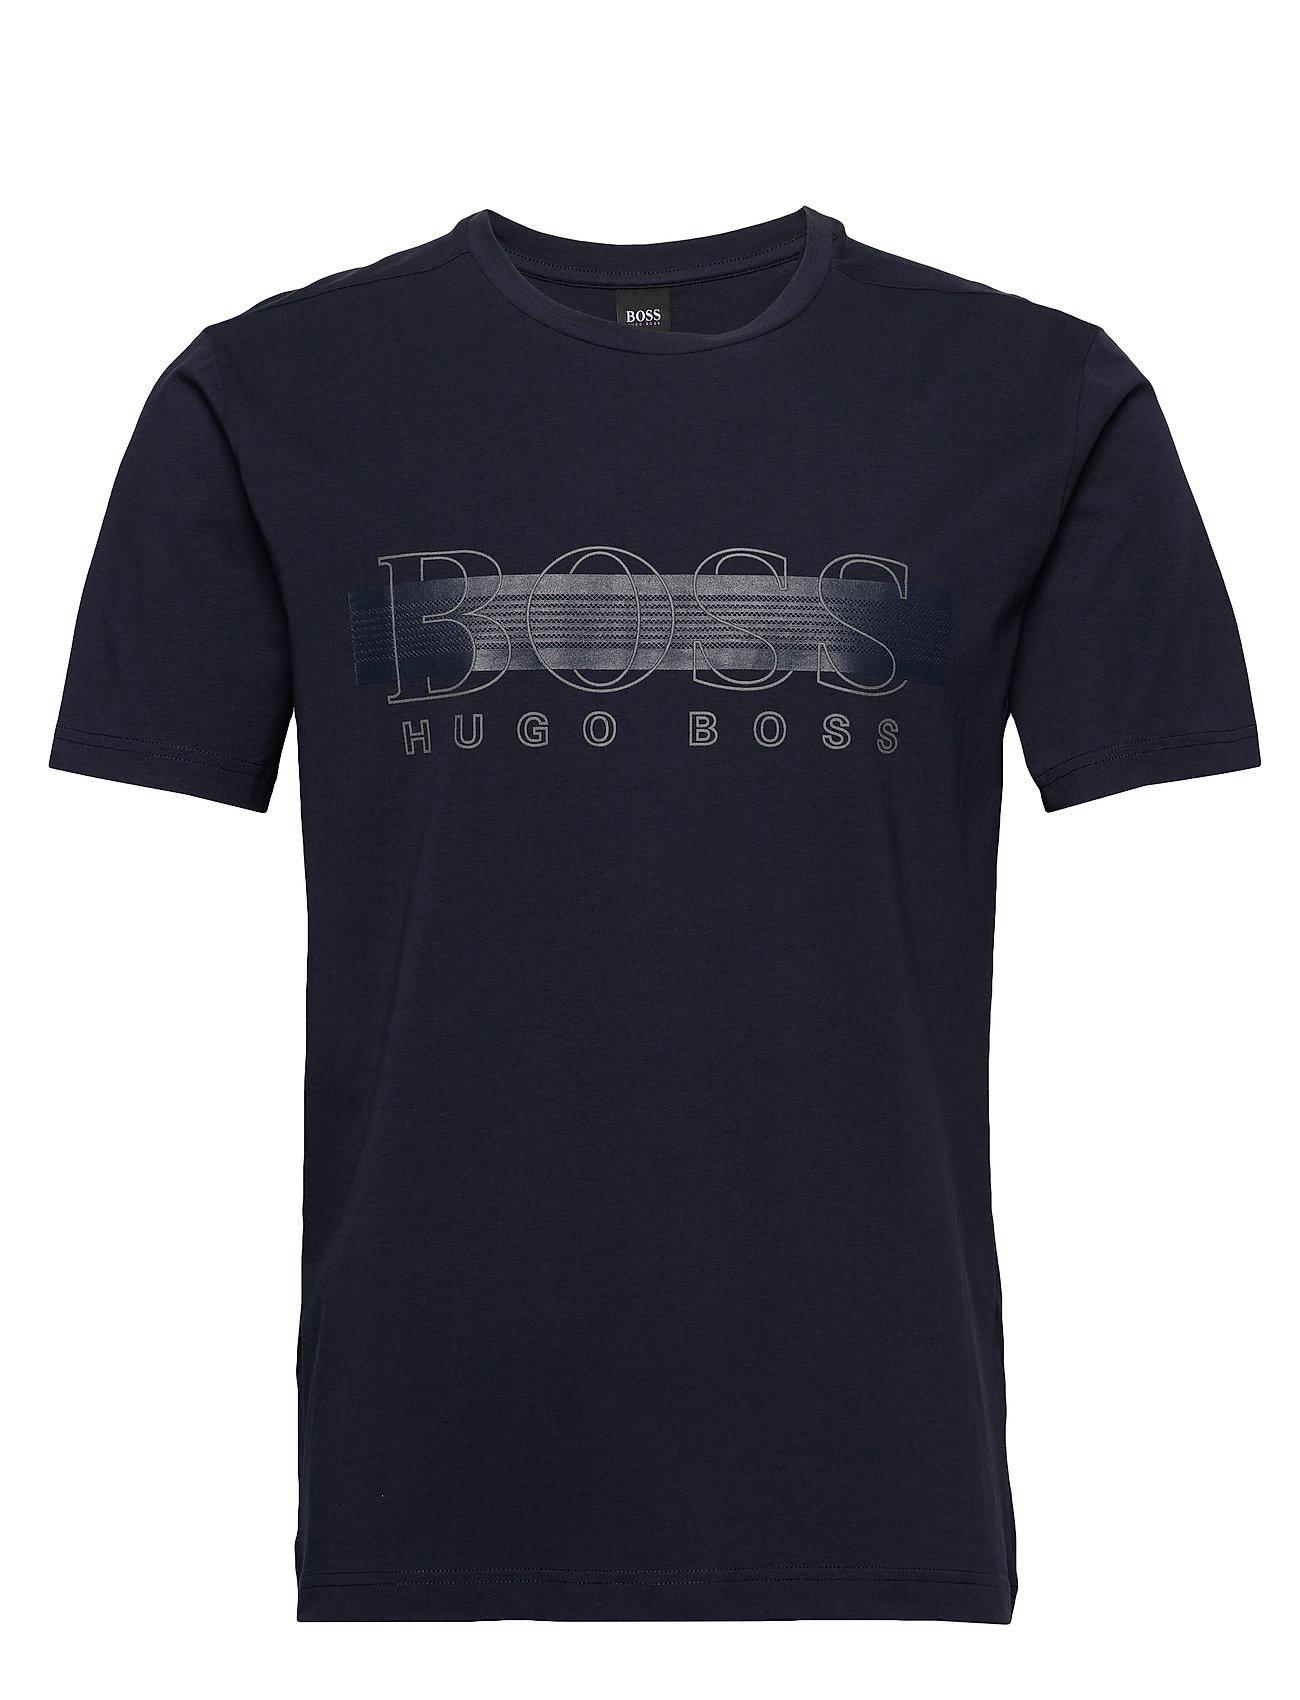 Image of Tee Tr 1 T-shirt Blå BOSS (3408902419)